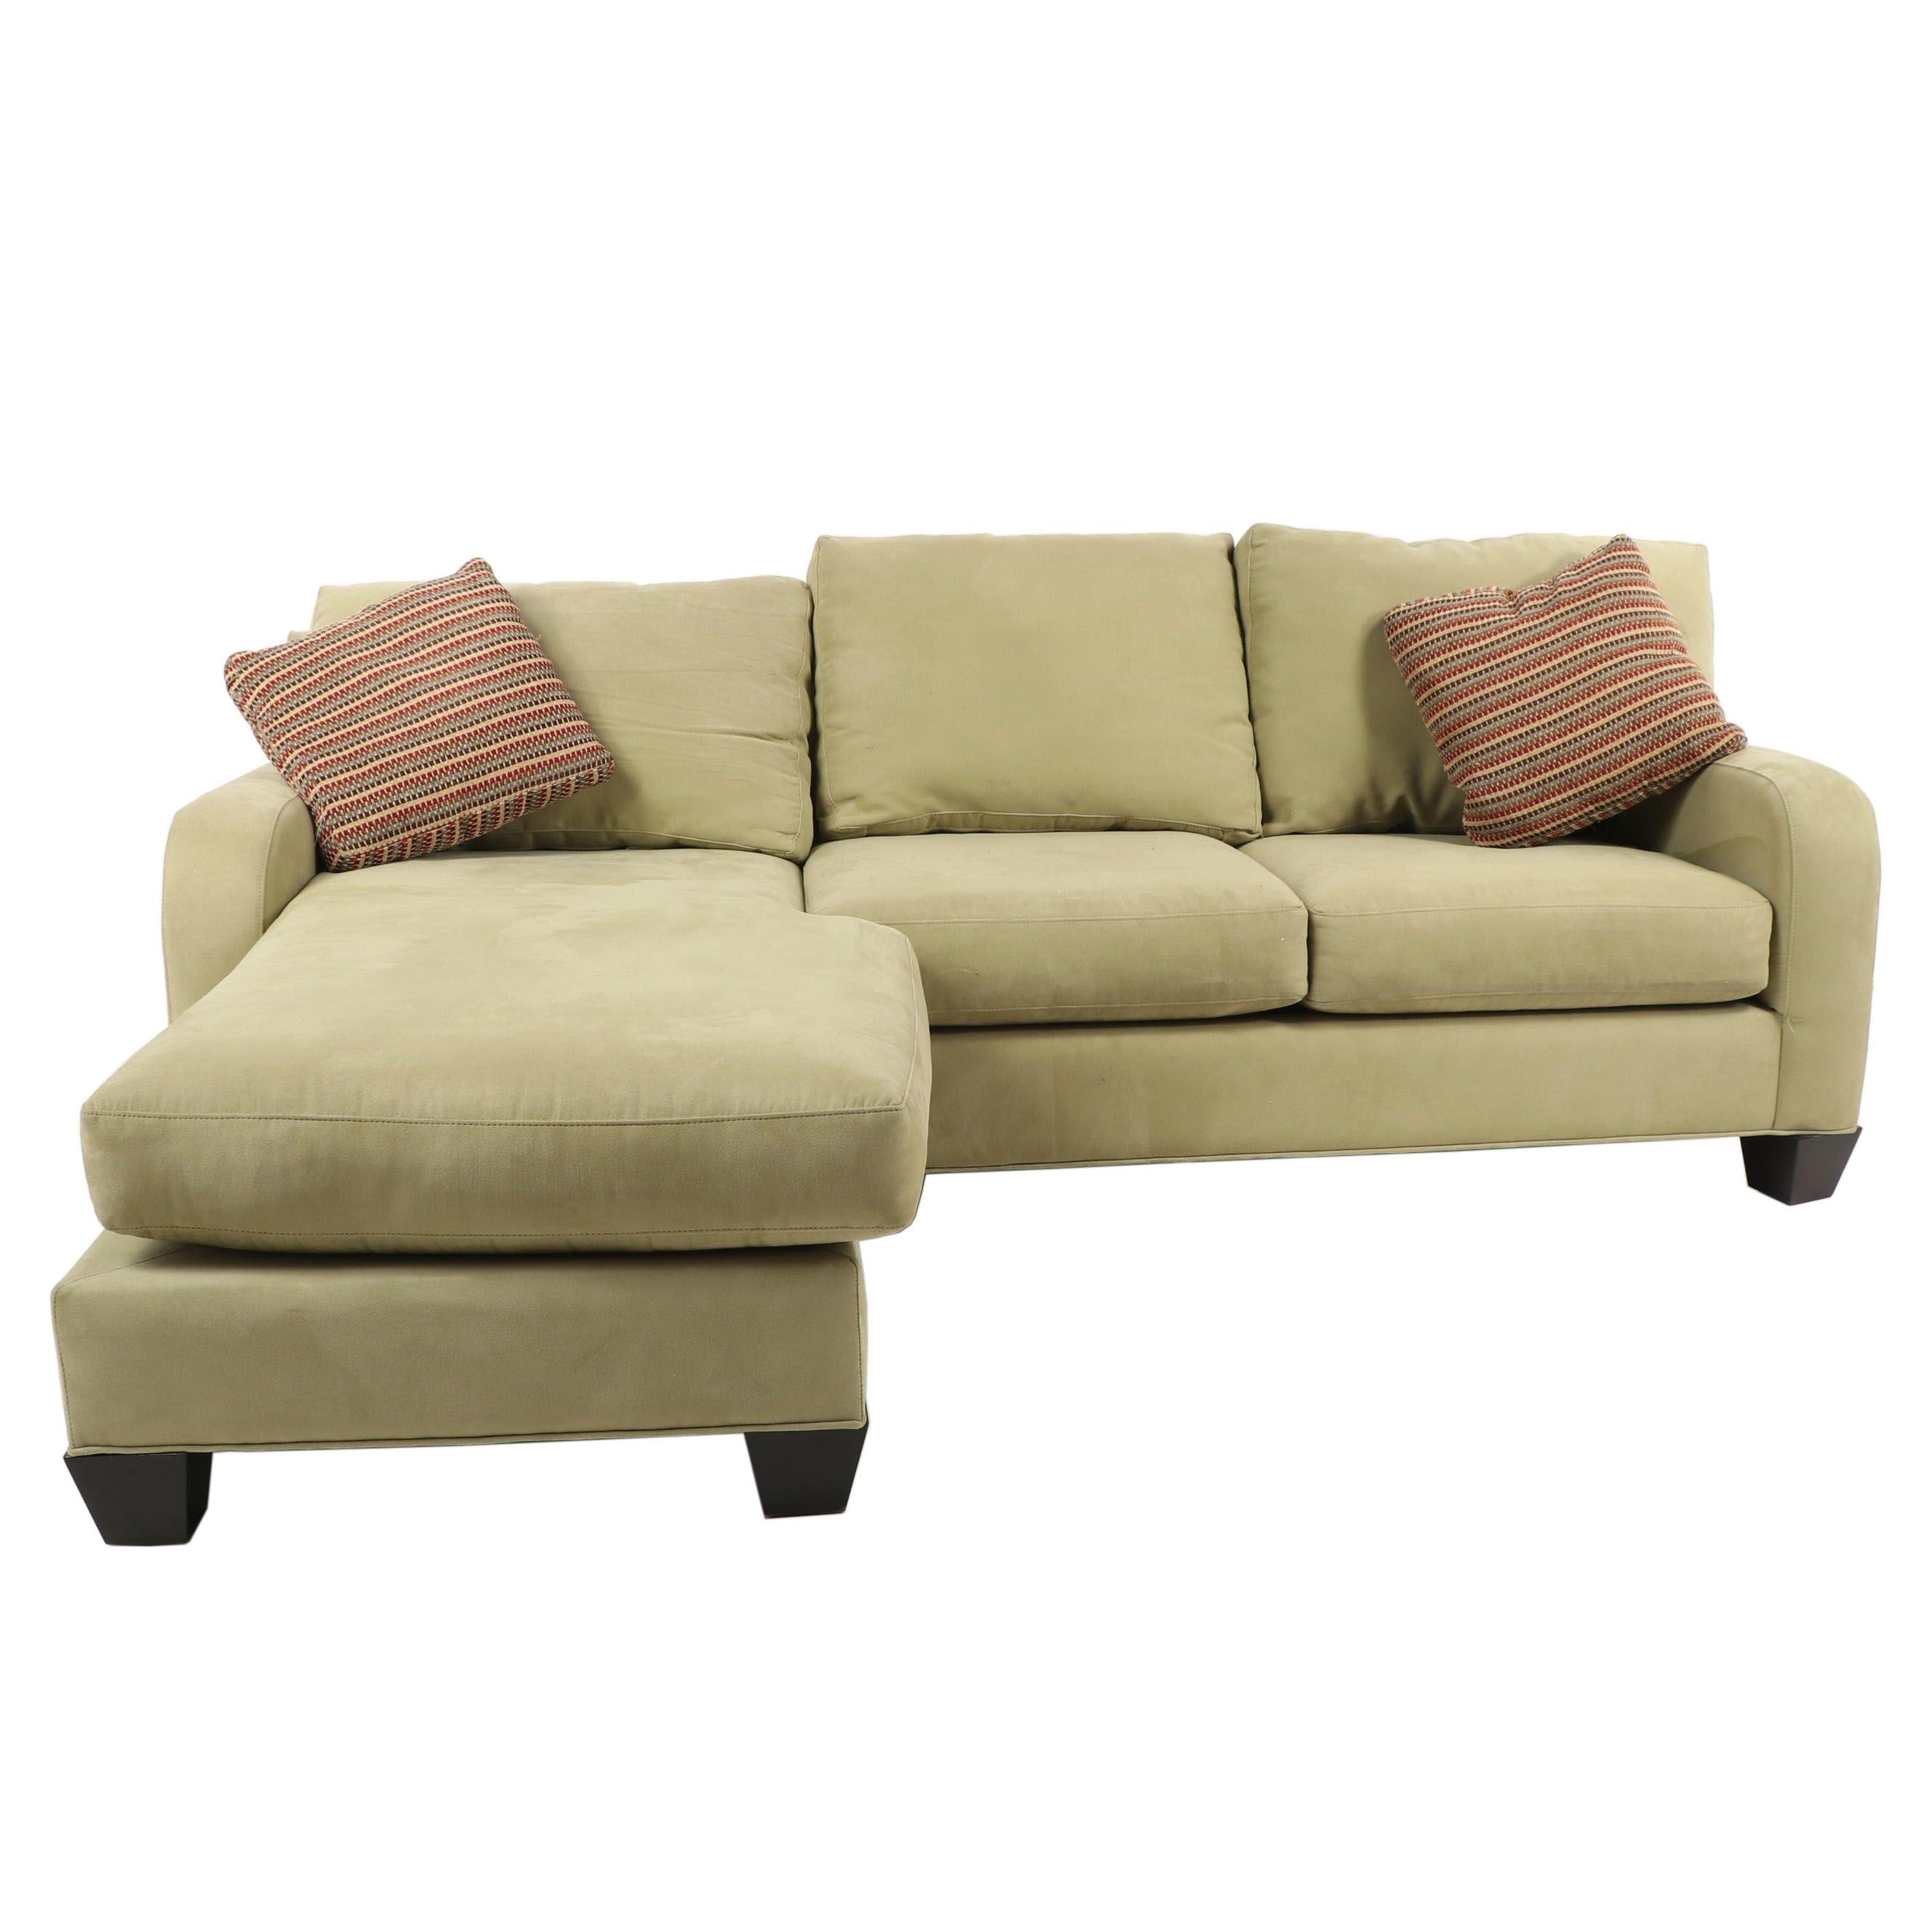 Cindy Crawford Home Green Sleeper Sofa